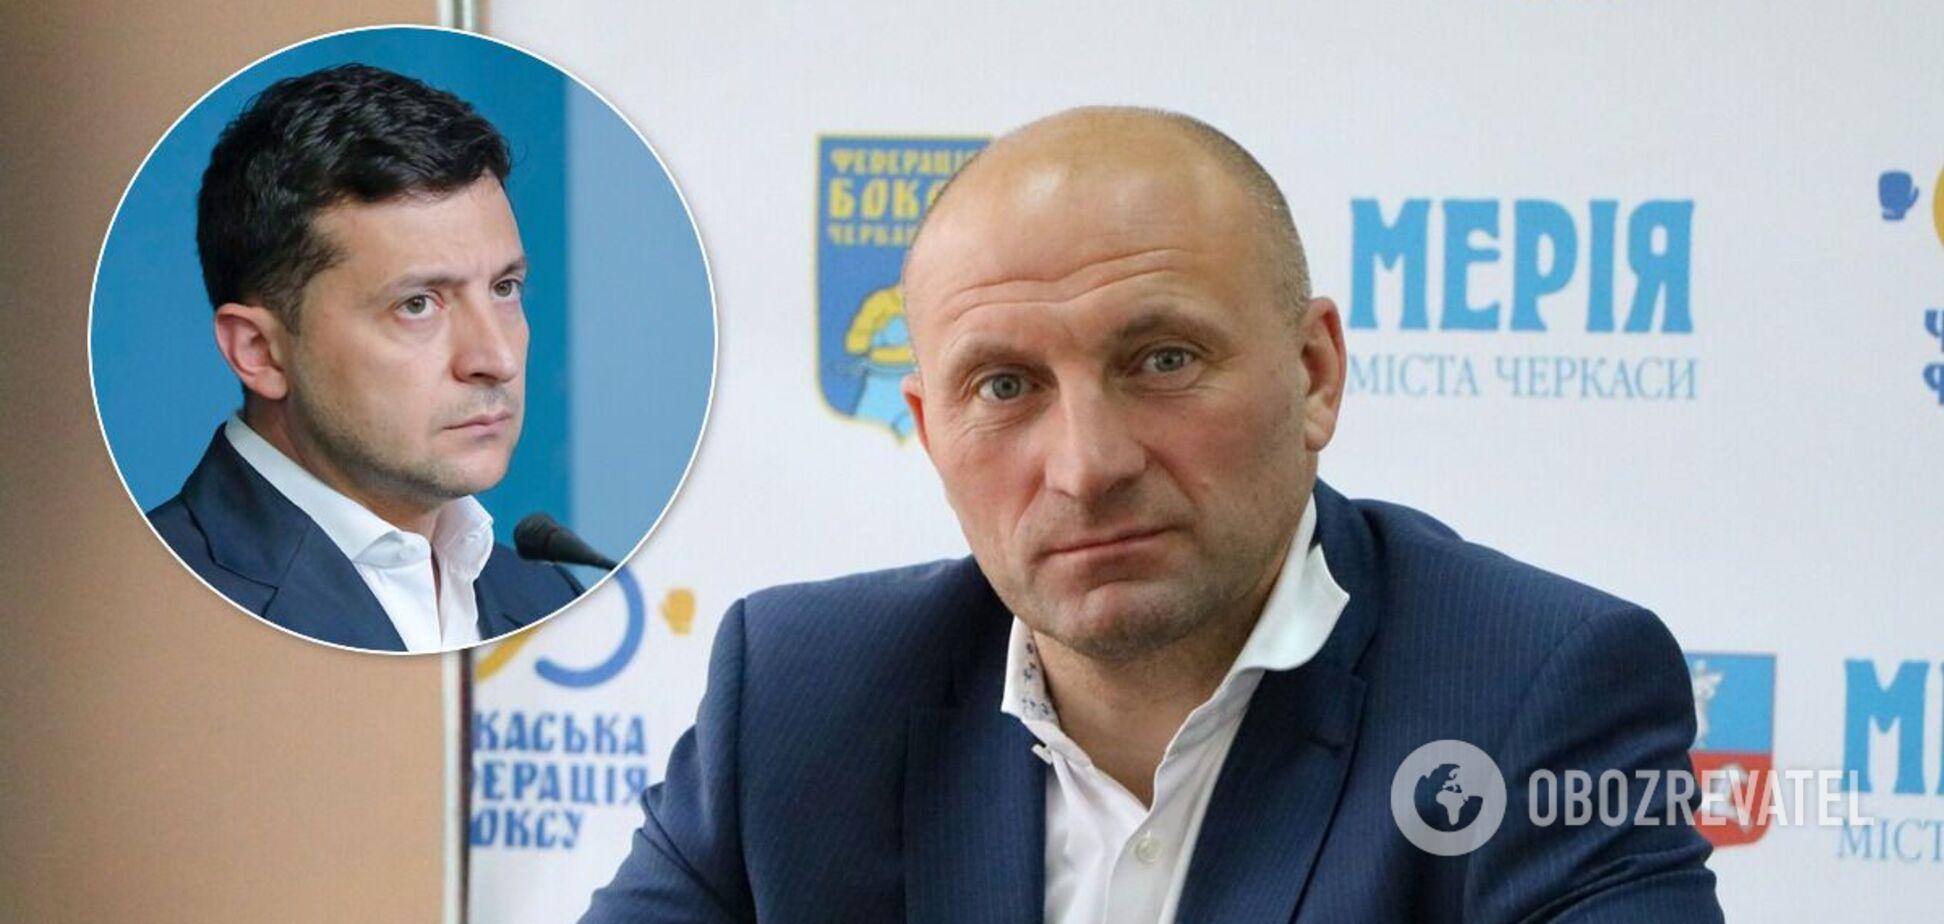 Бондаренко назвав себе 'гарячою людиною'